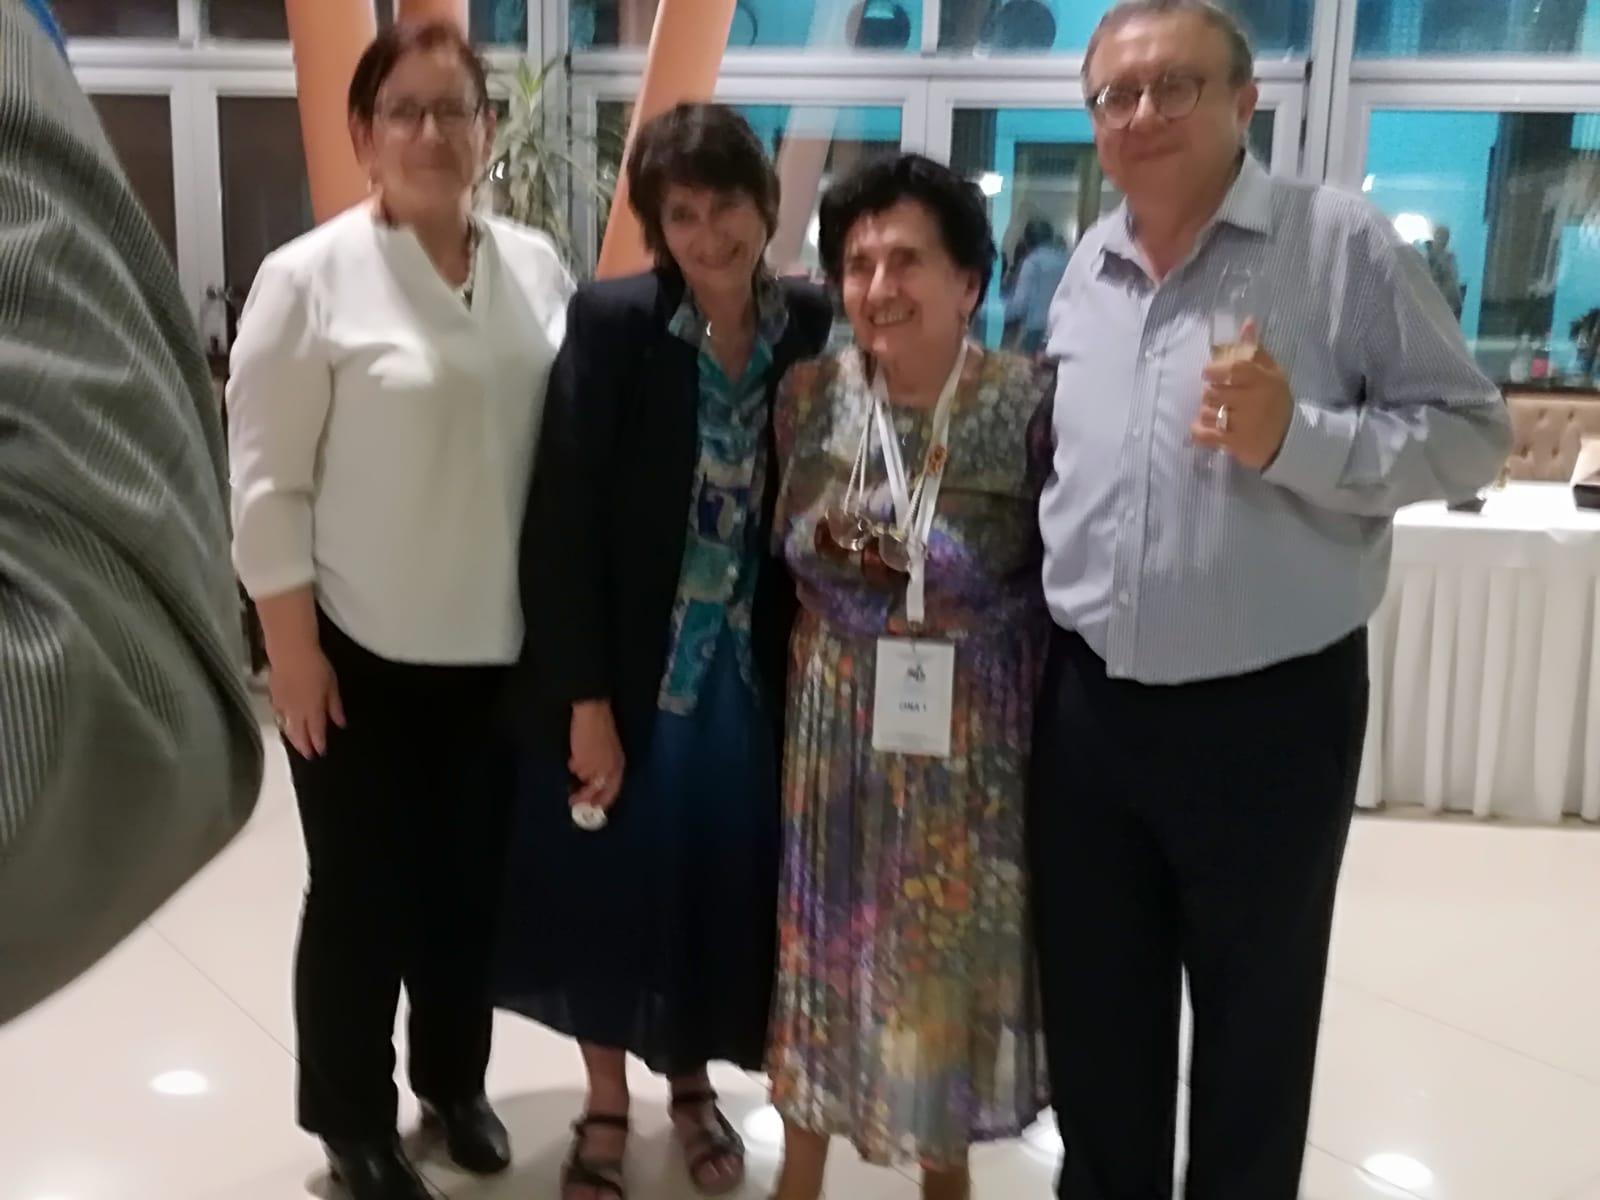 2018-05-25 at ARA-42 Congress